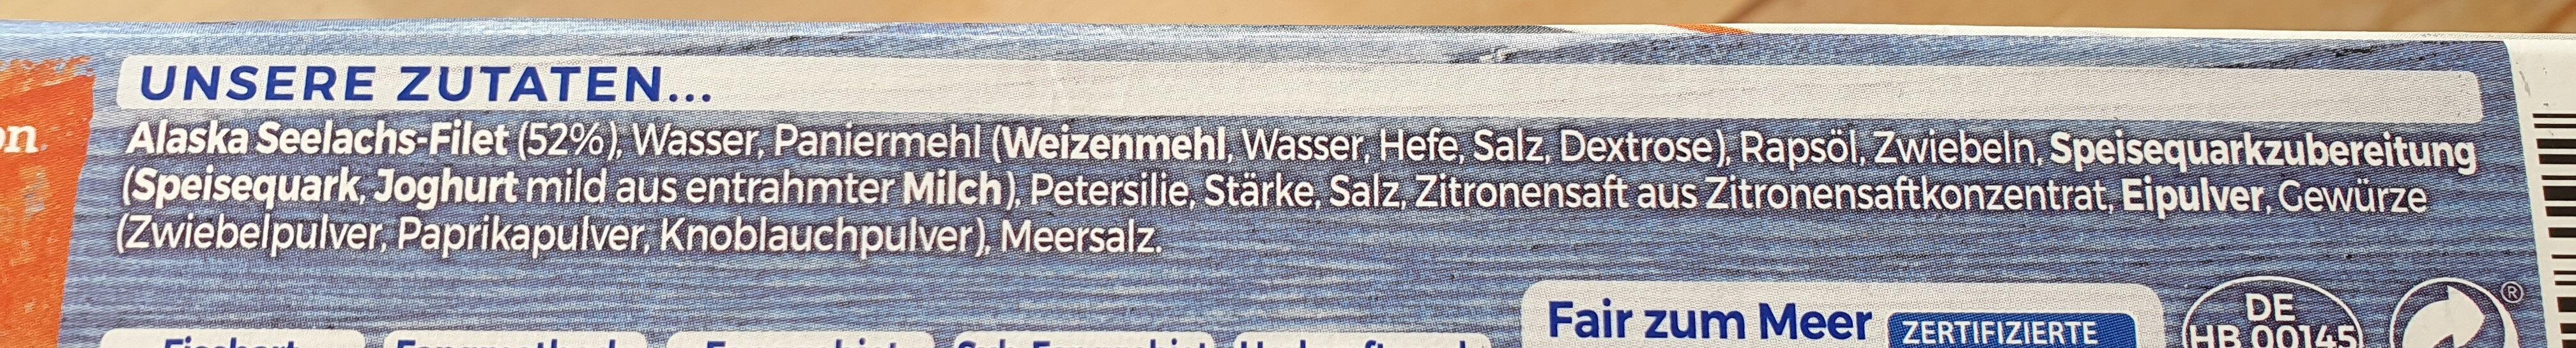 Schlemmerfilet à la Bordelaise Knusprig Kross - Ingrédients - de